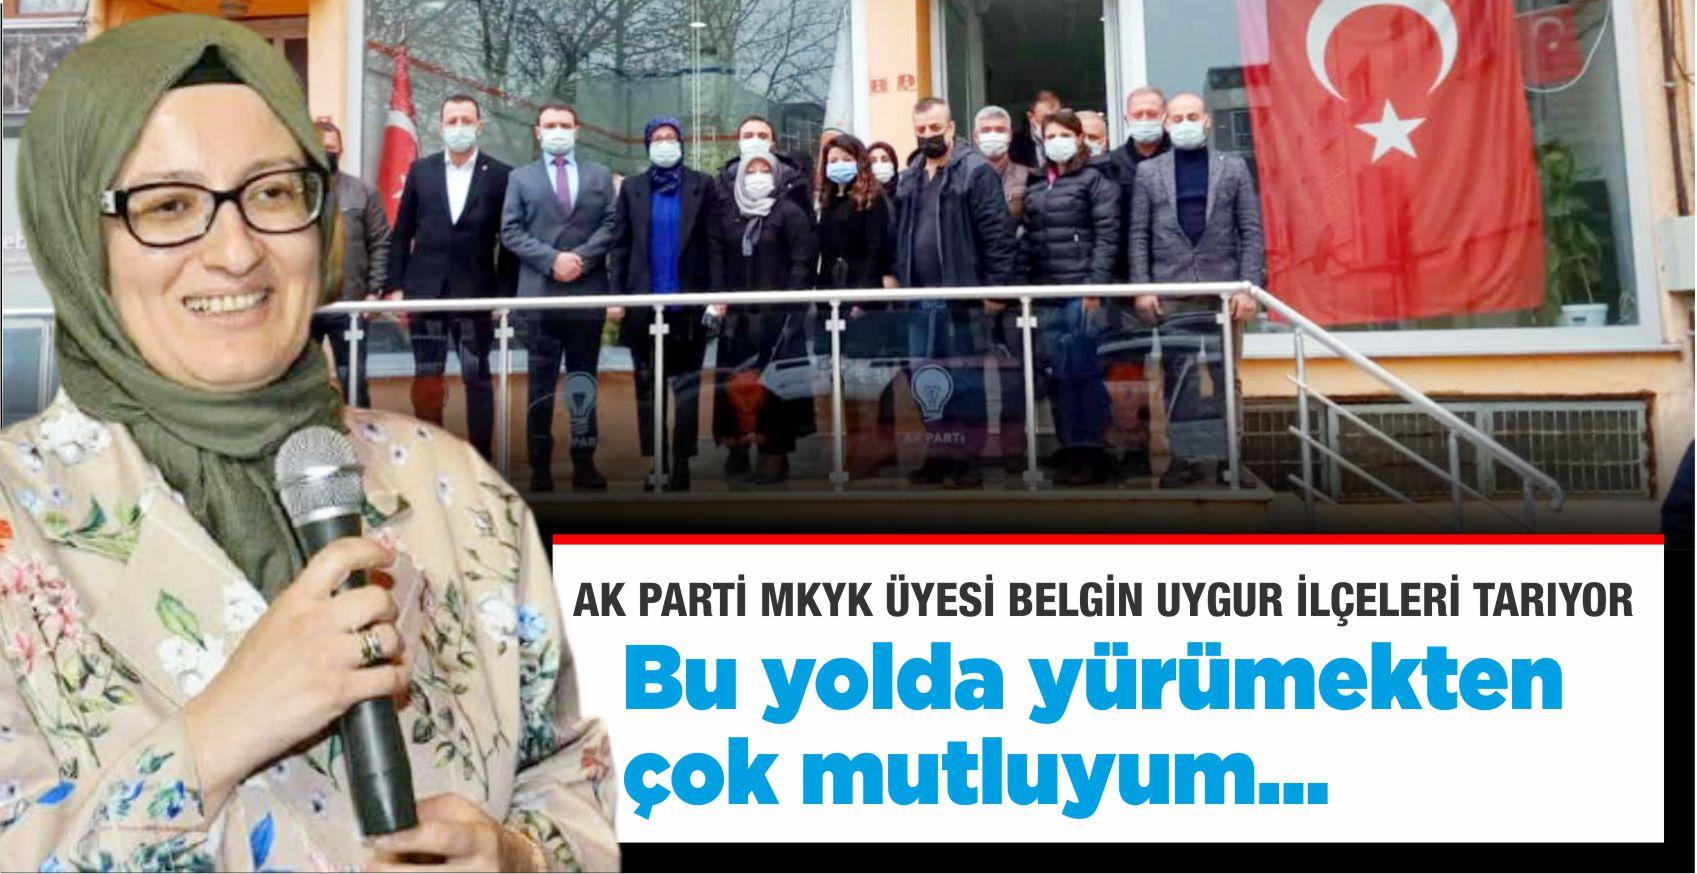 AK PARTİ MKYK ÜYESİ BELGİN UYGUR İLÇELERİ TARIYOR